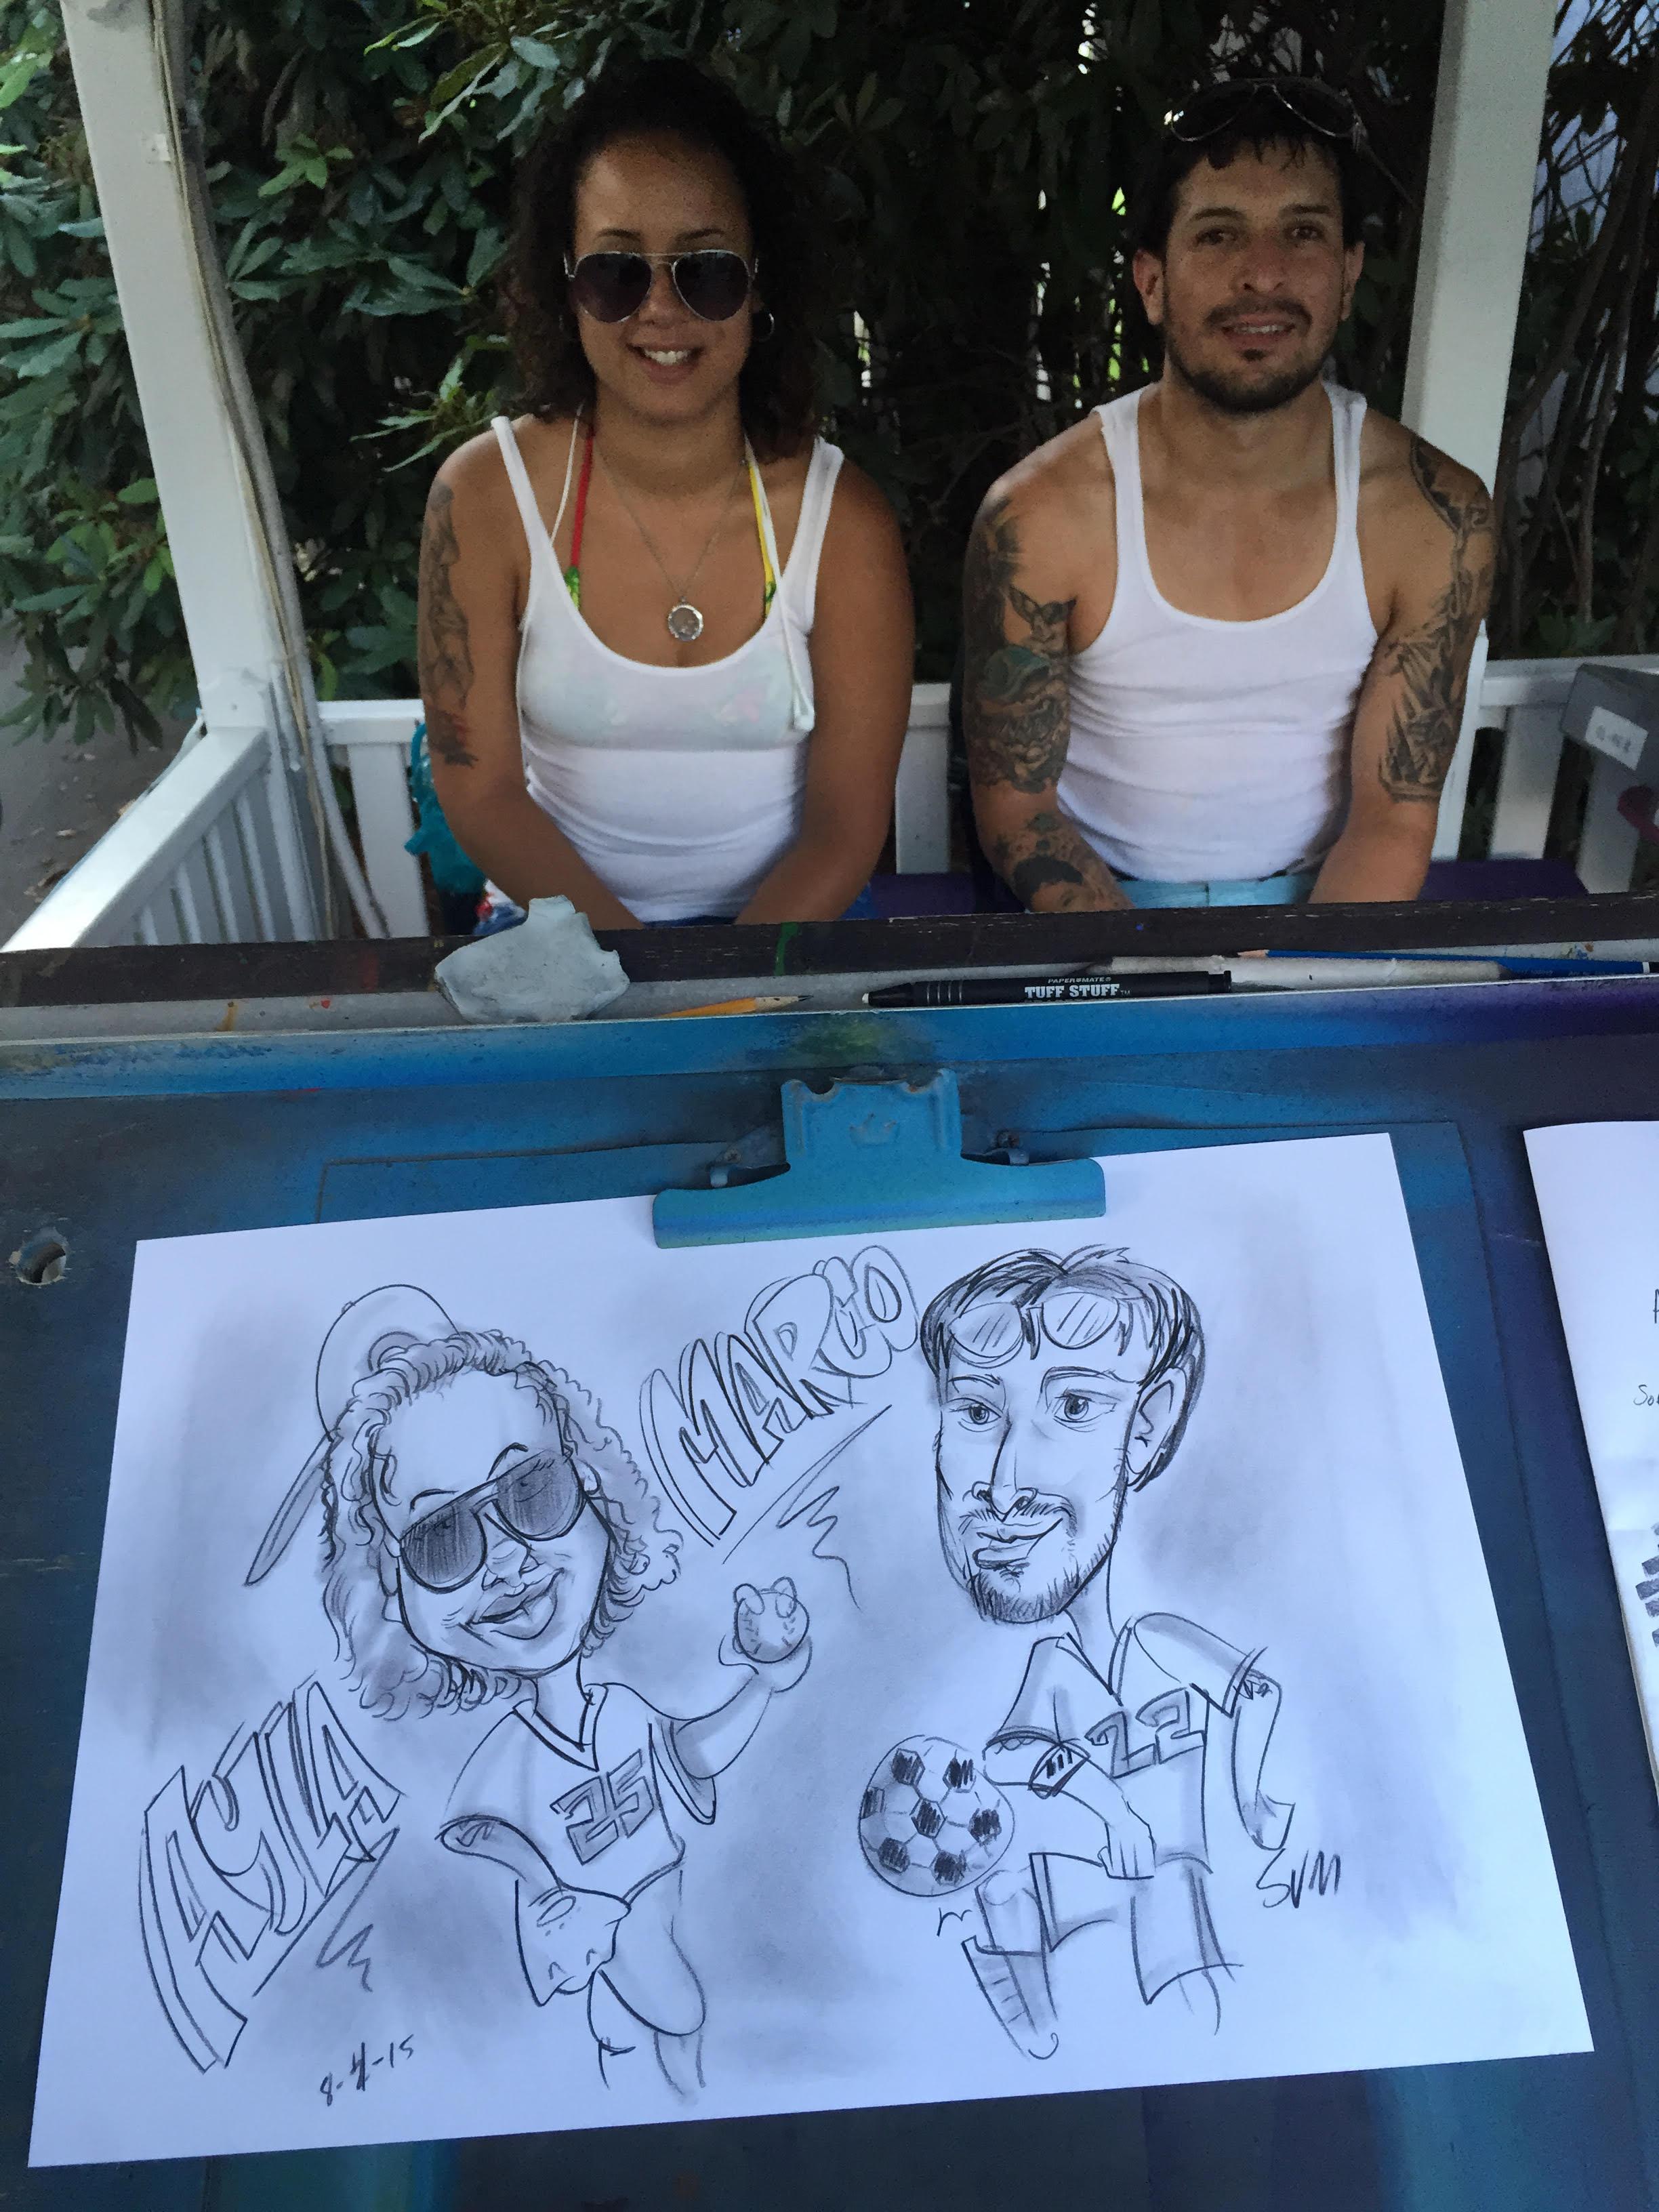 ct-ma-ri-caricature-artist-26